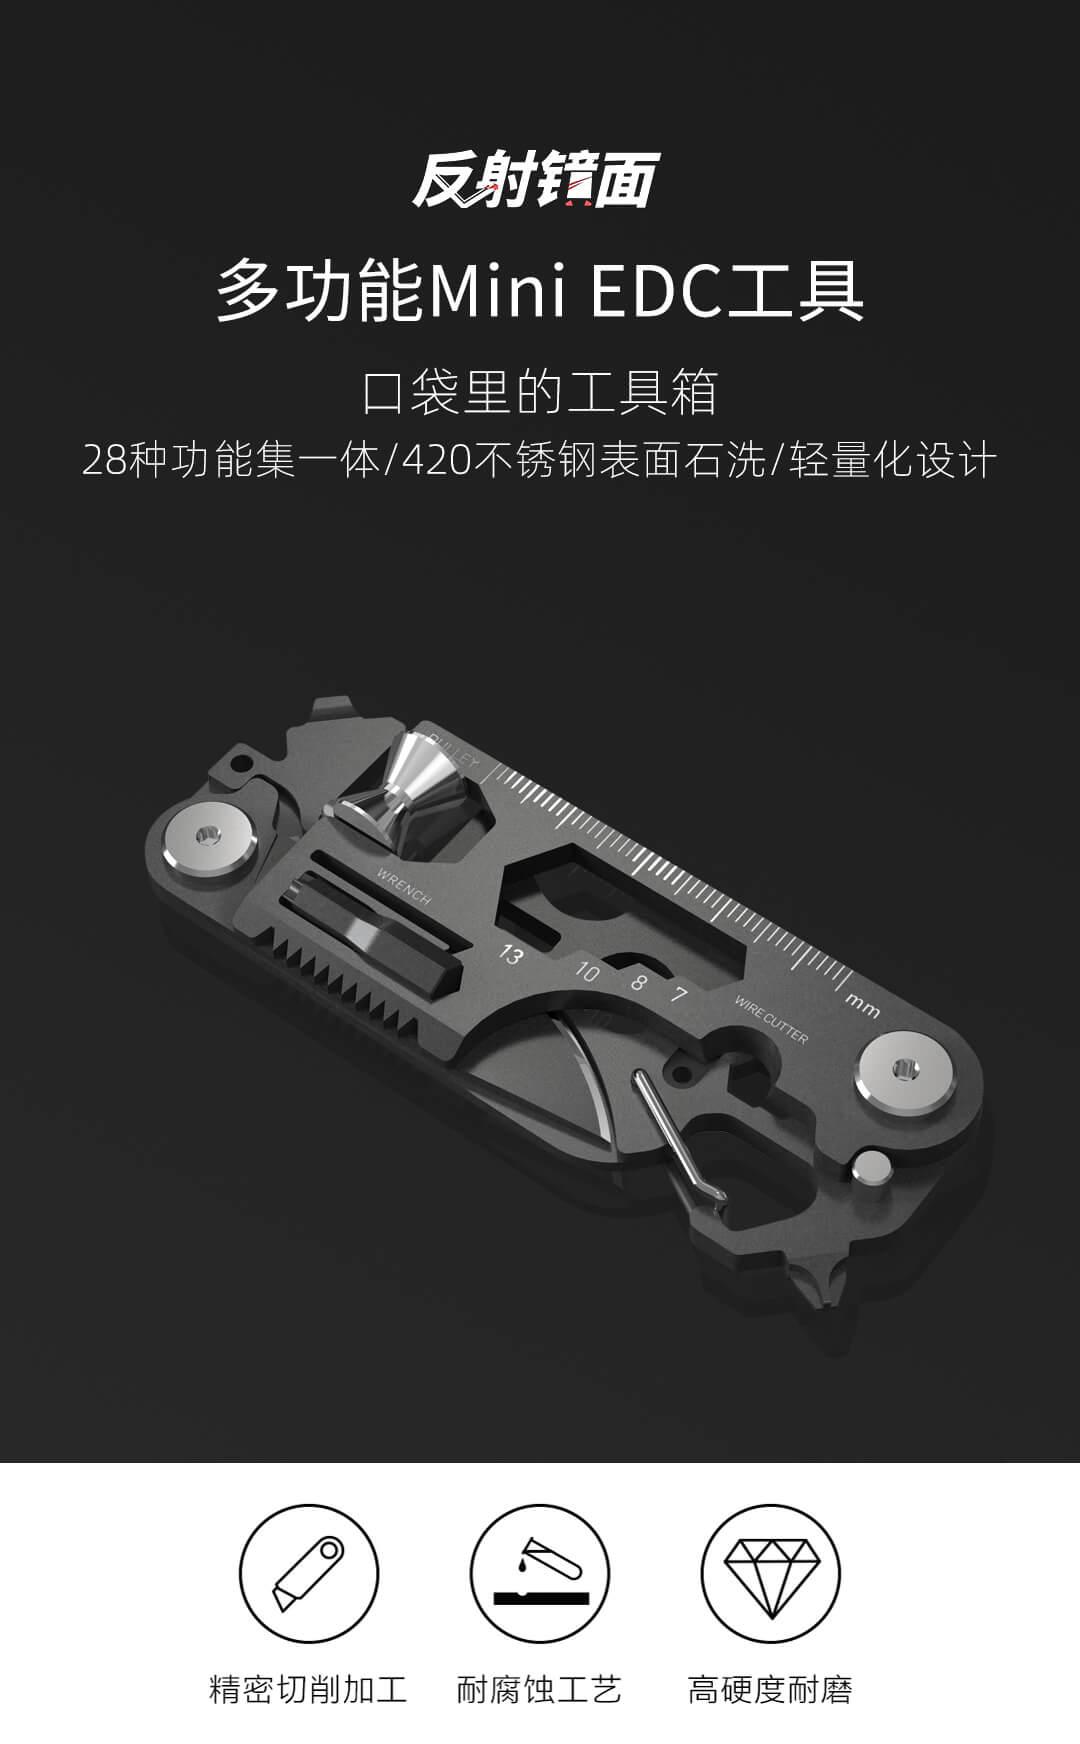 Herramienta Xiaomi Youpin, lo último en supervivencia - Noticias Xiaomi